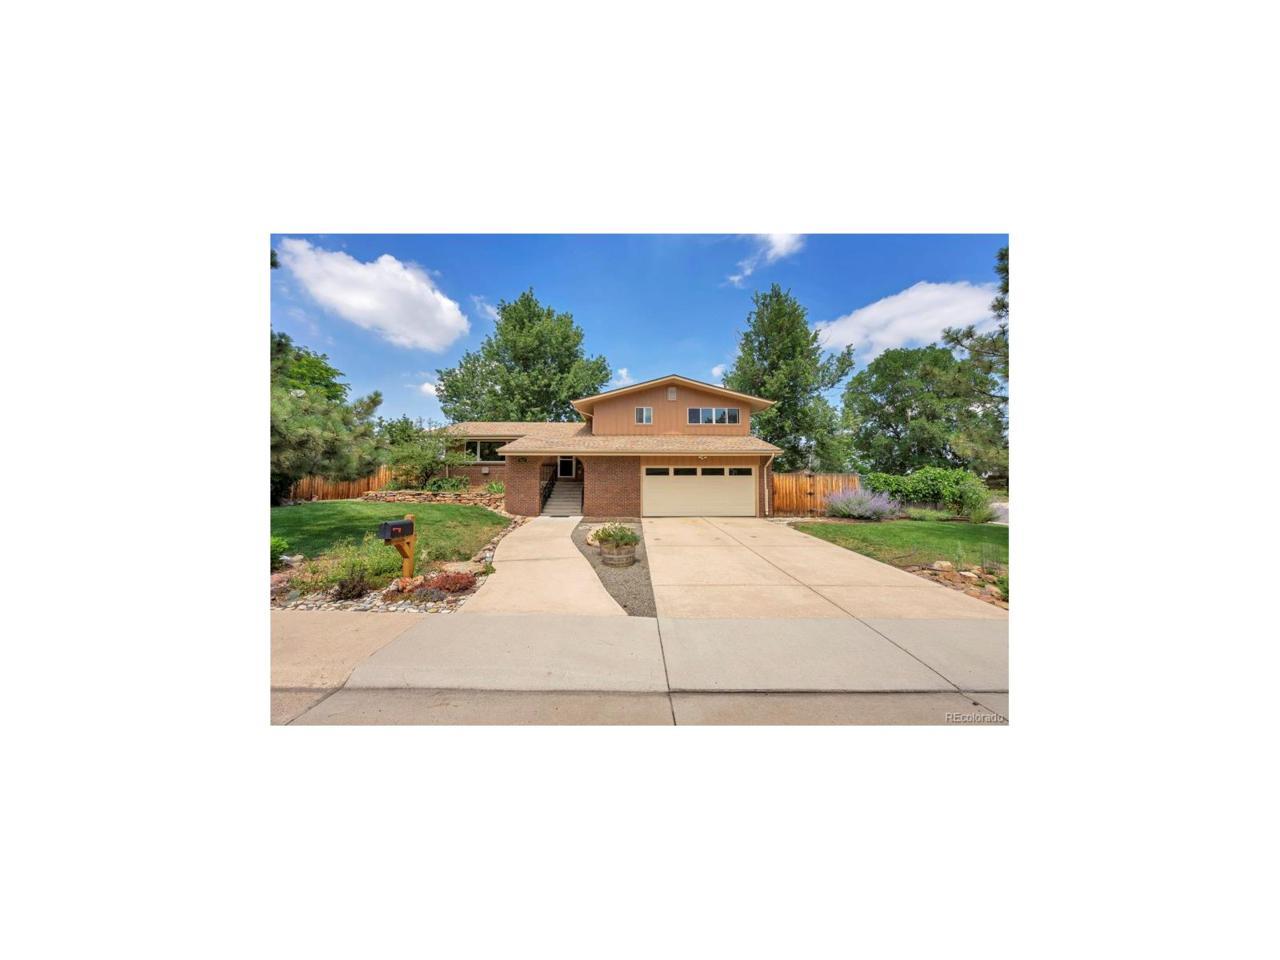 9517 W Ohio Avenue, Lakewood, CO 80226 (MLS #7559005) :: 8z Real Estate